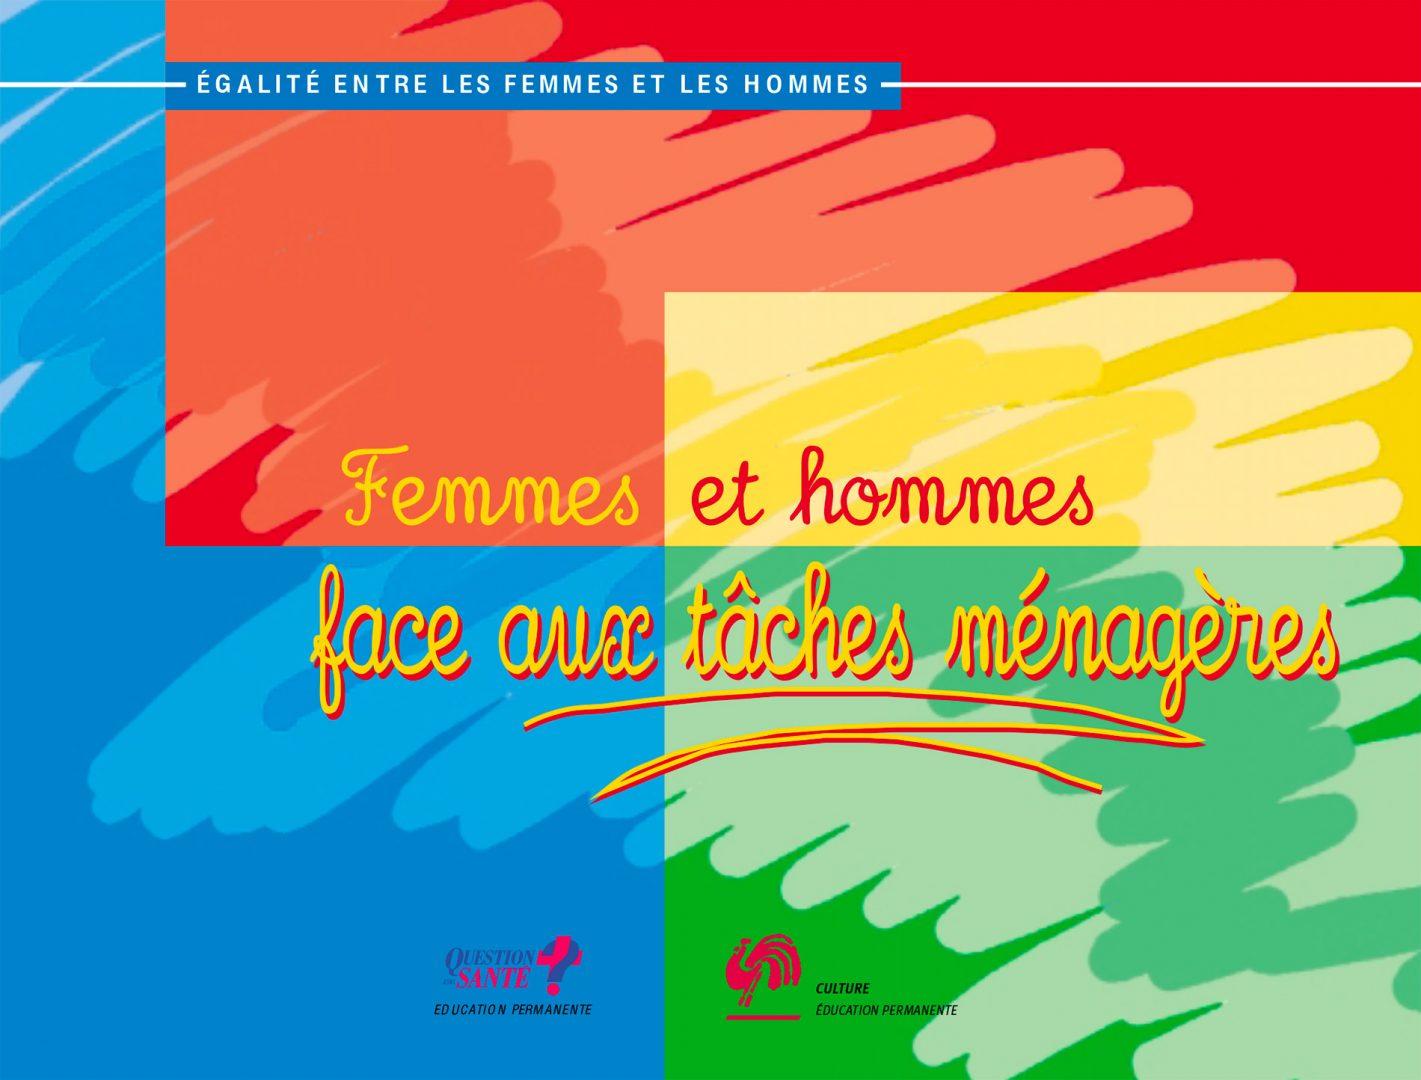 20050427 Img Femmeshommestachesmenageres Bd Vf